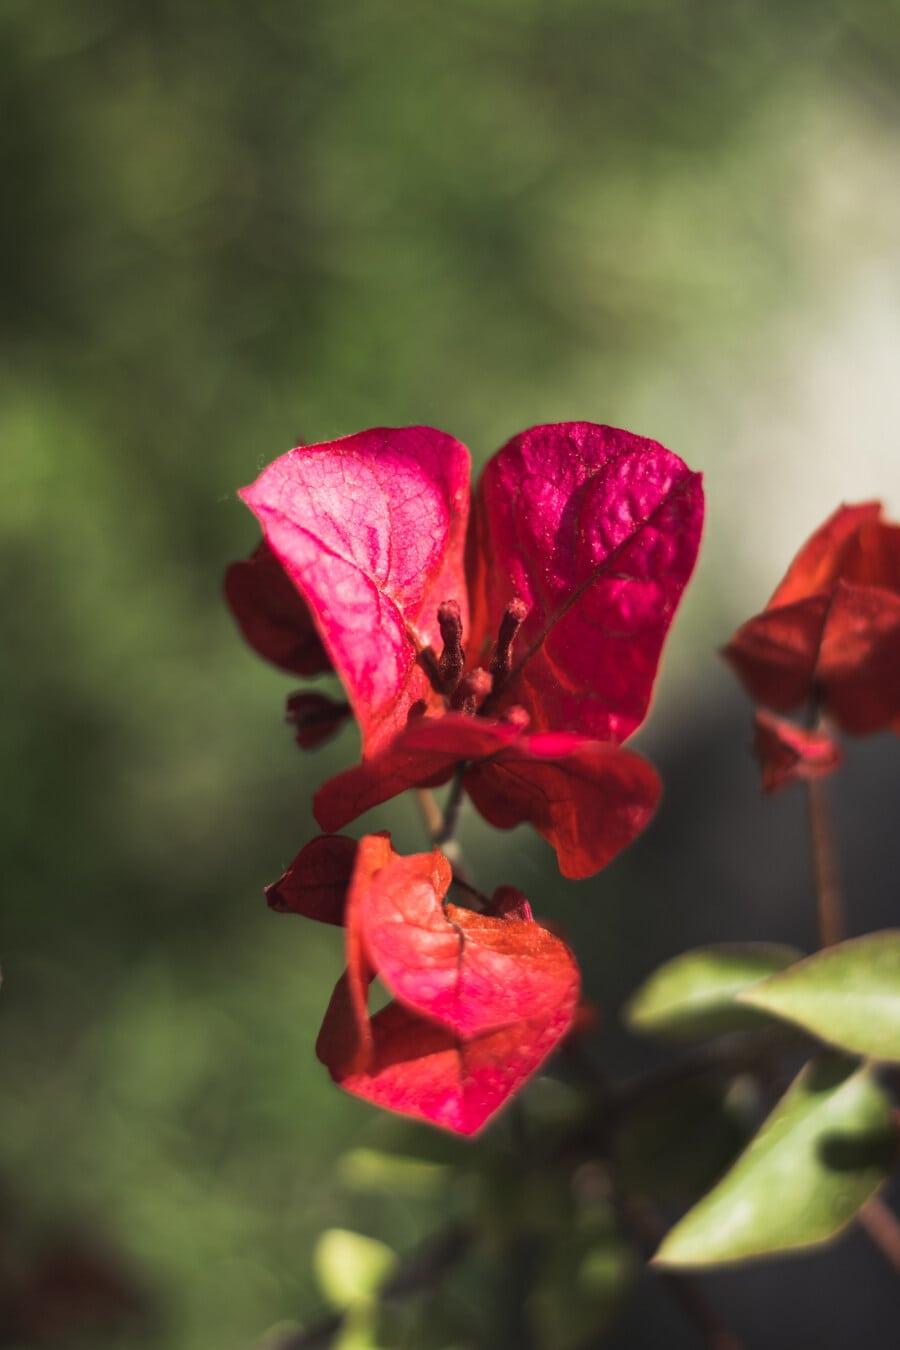 pollen, pistil, vibrant, rougeâtre, pétales, fleur, jardin fleuri, biologie, brouiller, botanique